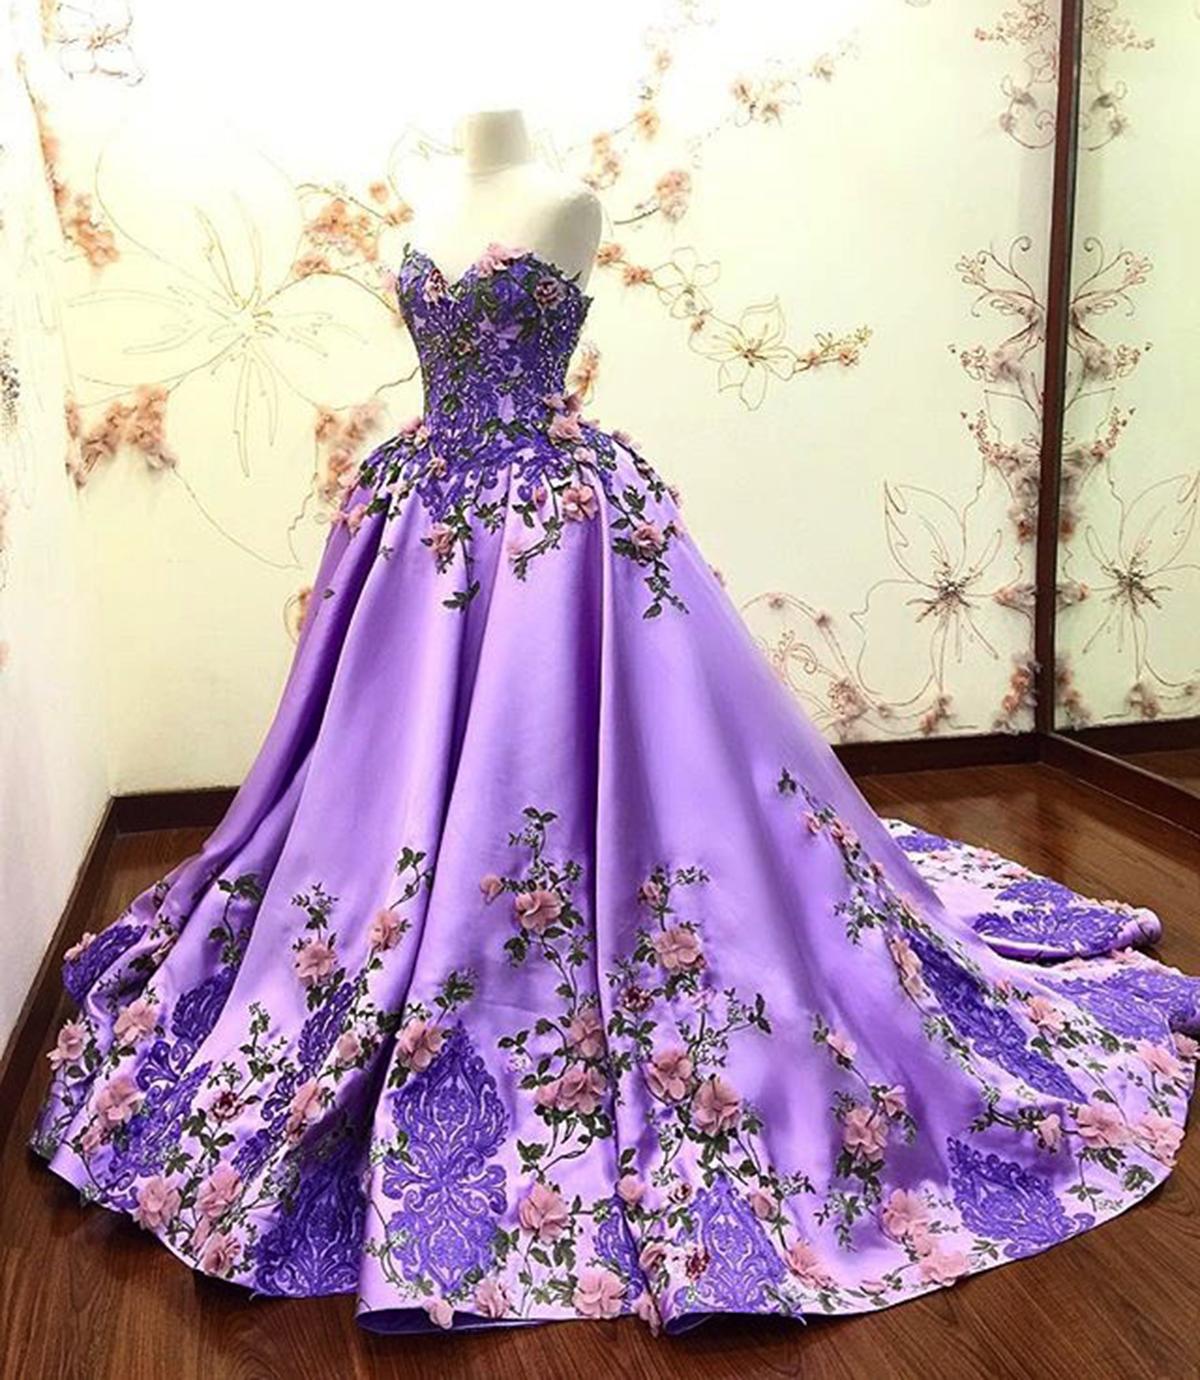 مدل لباس مجلسی بلند با رنگ بنفش